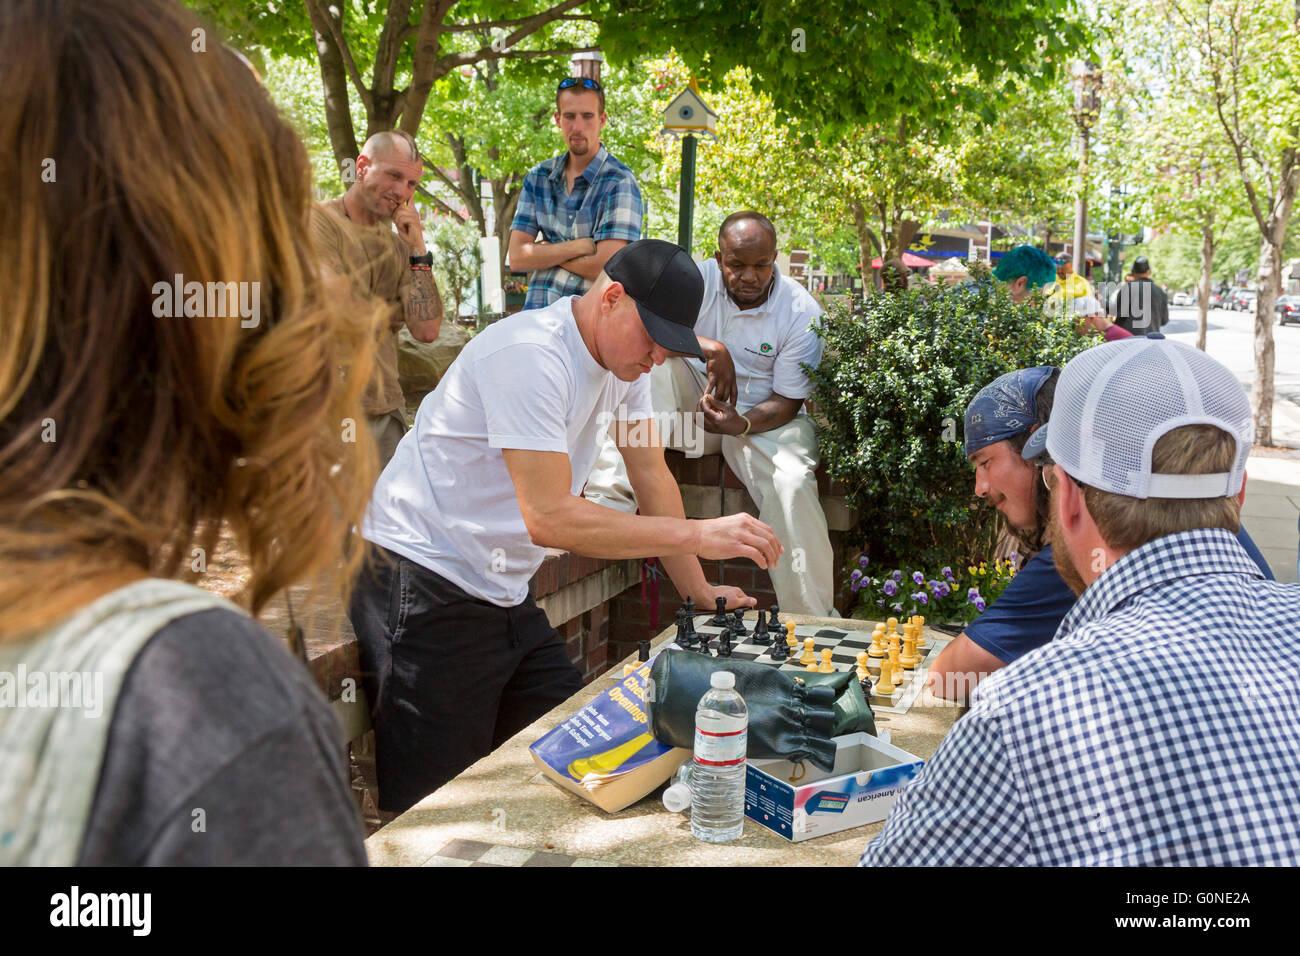 En Asheville, Carolina del Norte - El actor Woody Harrelson (tapa negra) juega ajedrez en Pritchard Park. Muchos Imagen De Stock